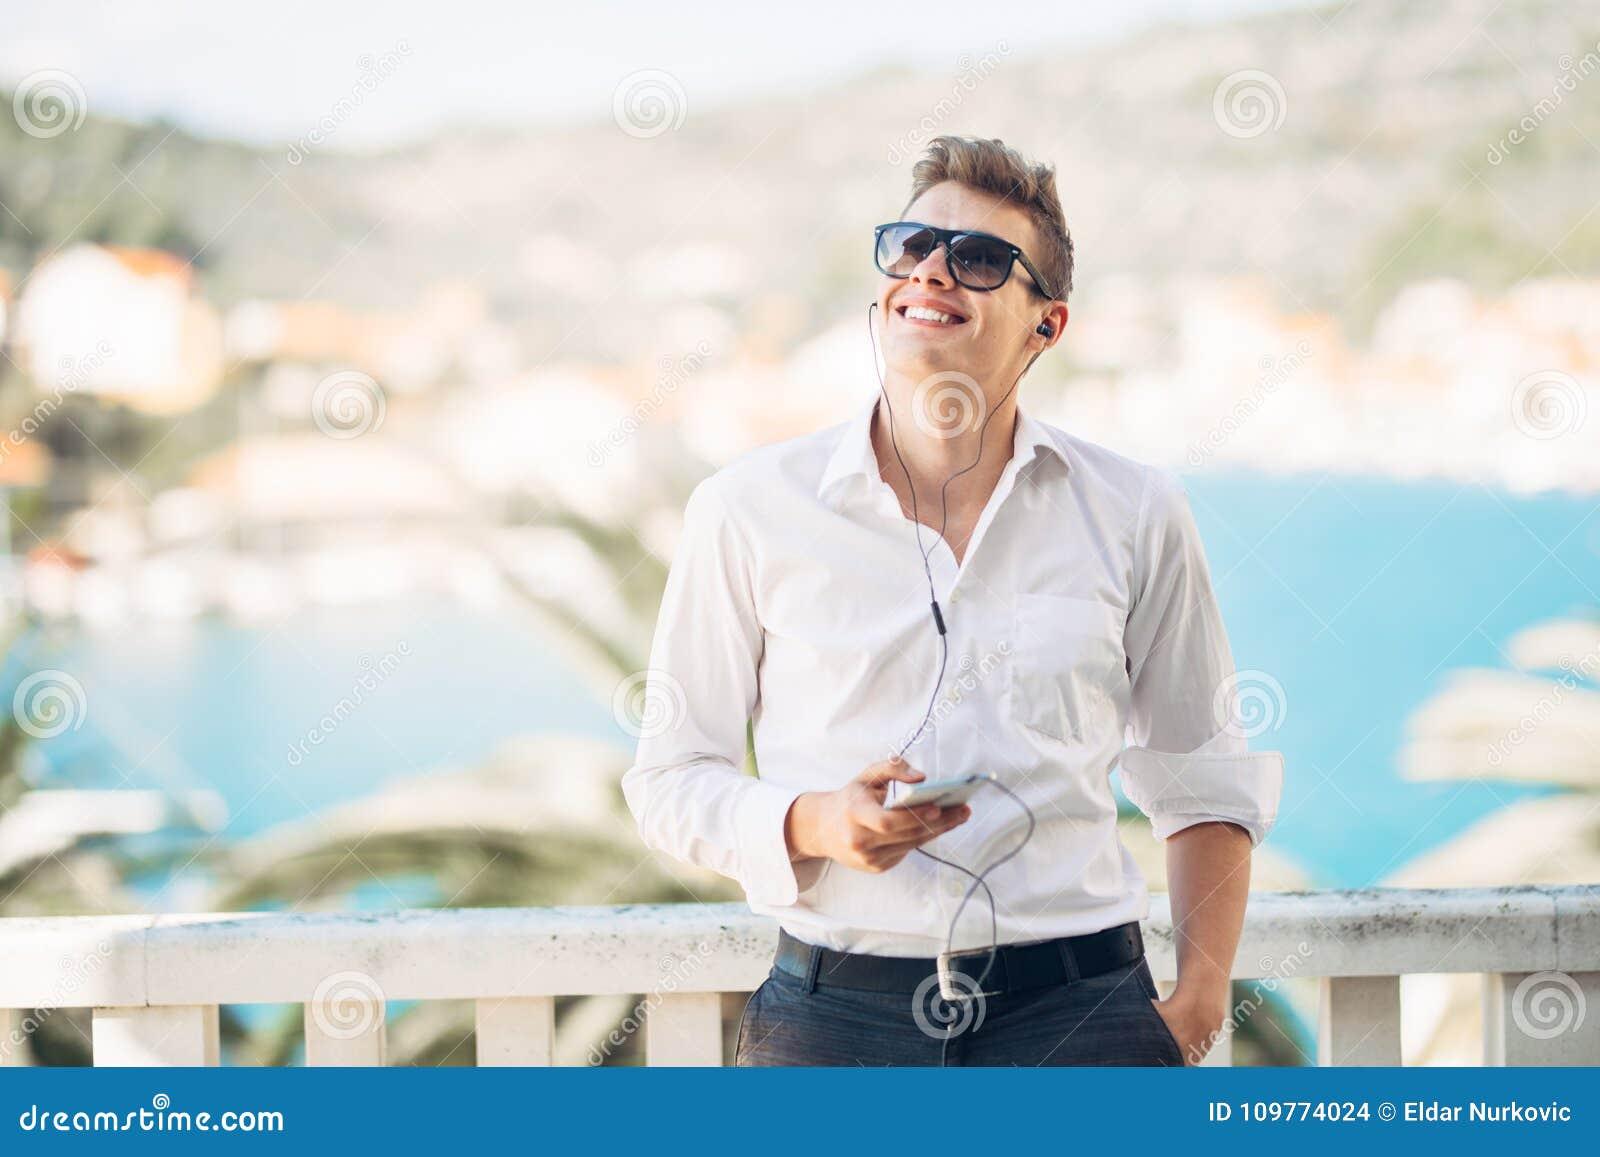 Młody przystojny mężczyzna cieszy się pobyt przy luksusowym hotel w kurorcie z panoramicznym widokiem na morzu